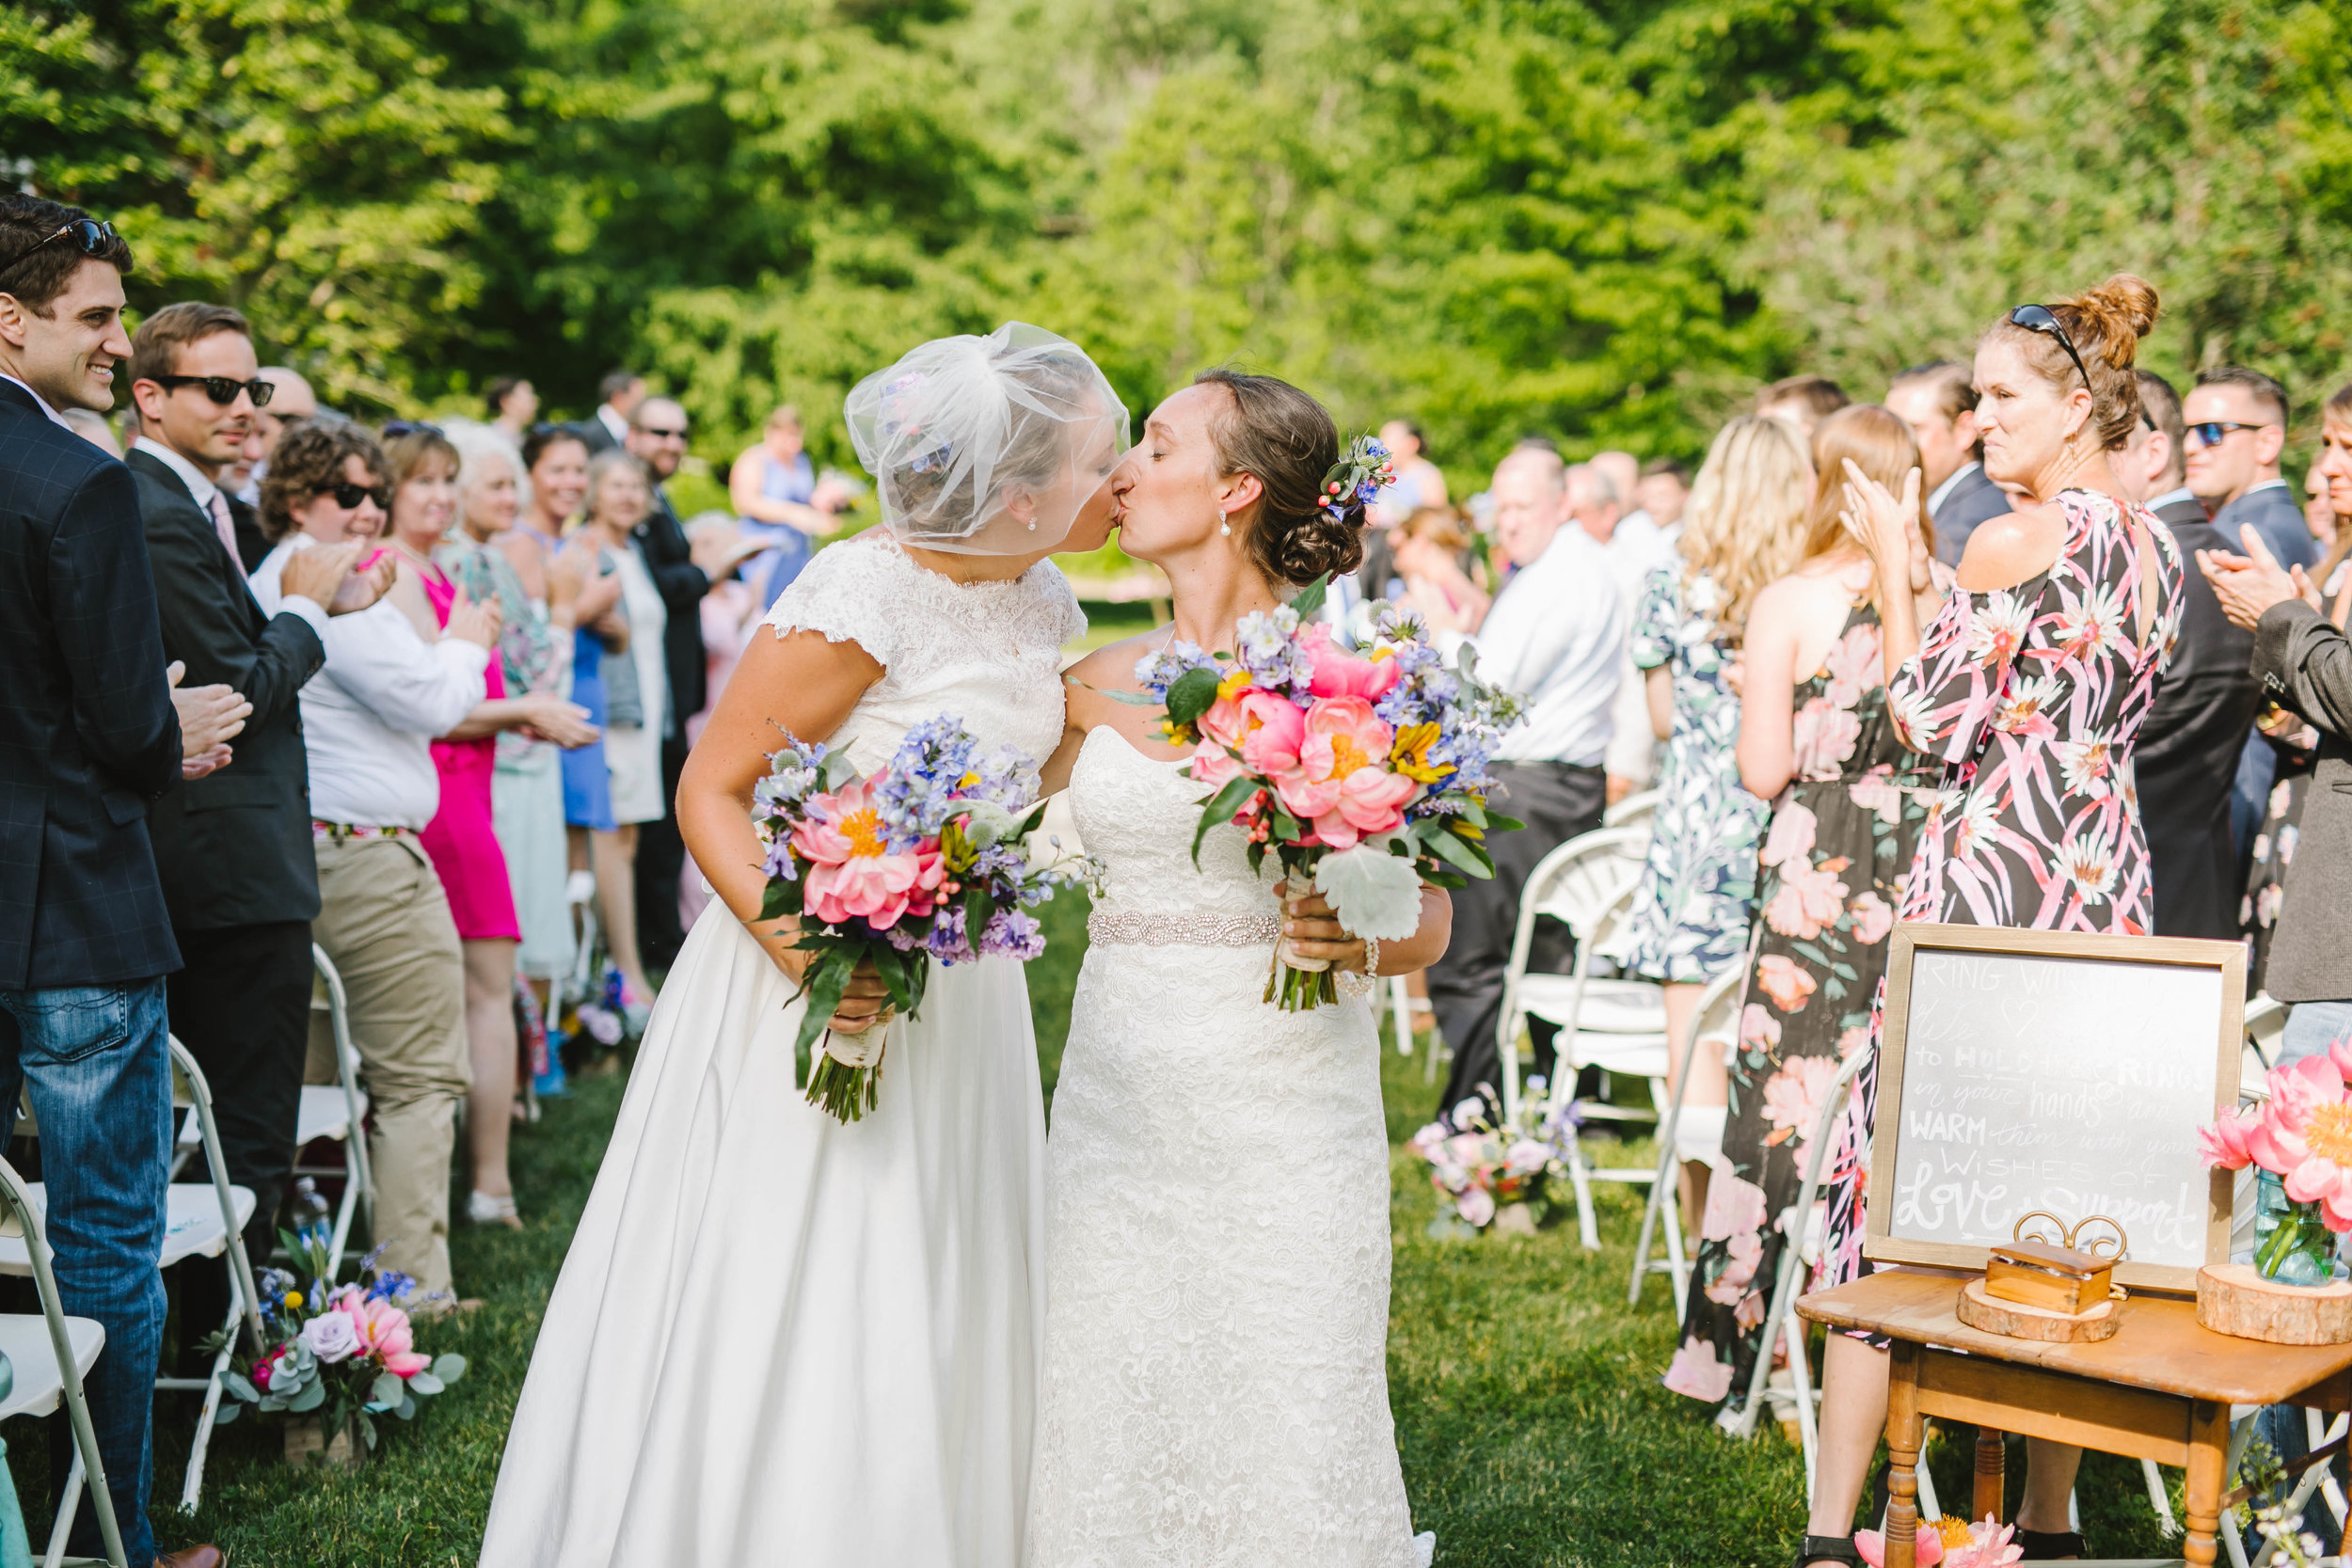 Wedding at Inn at Newfound Lake Bristol RI Kate and Kate-9.jpg